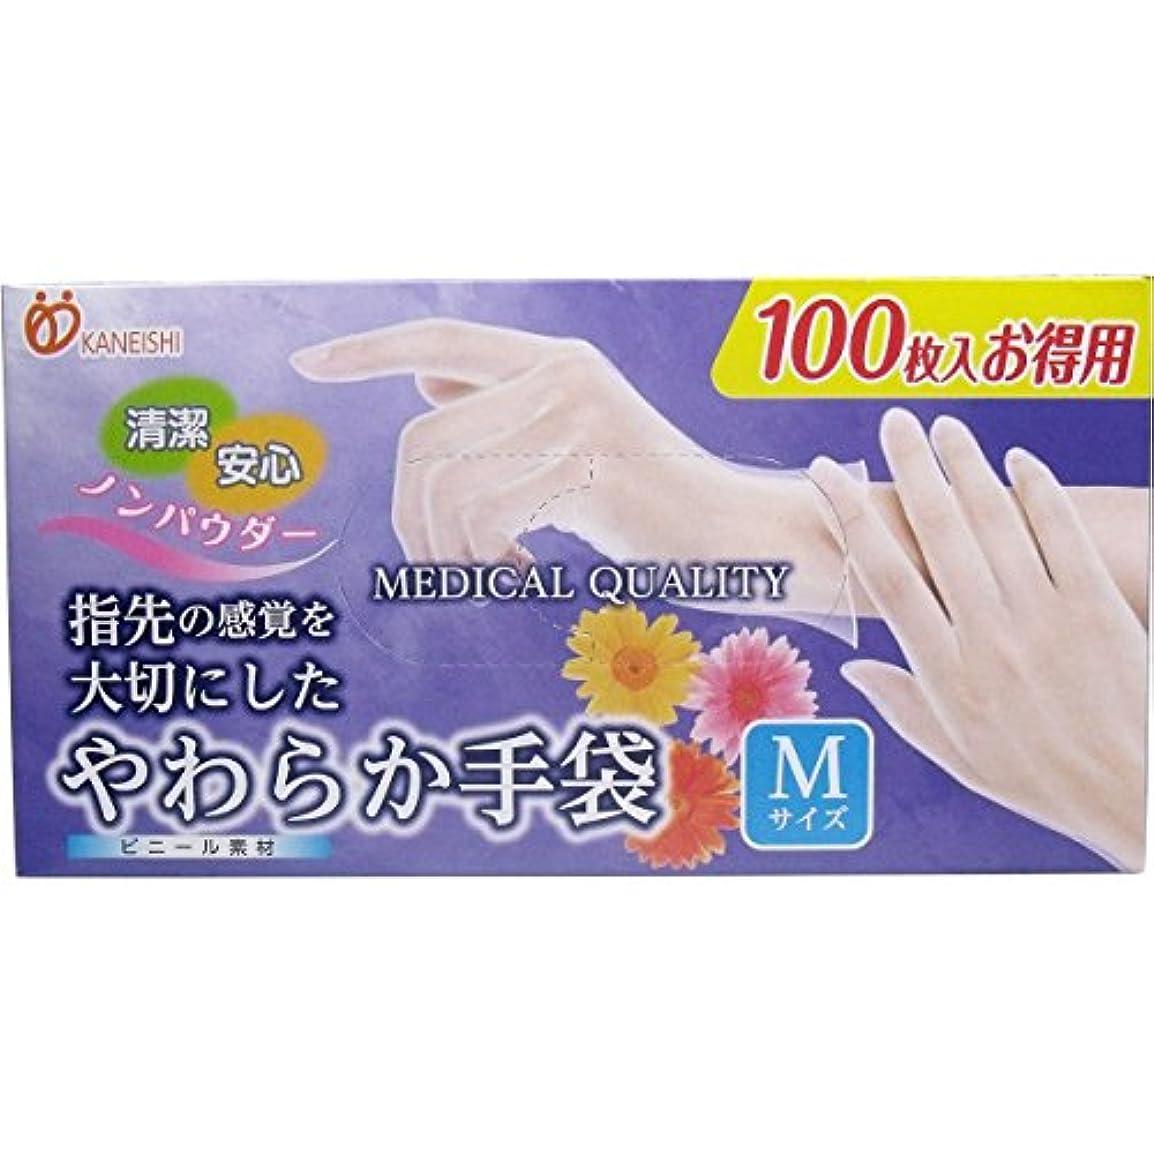 差し迫った勤勉チャンピオンやわらか手袋 ビニール素材 Mサイズ 100枚入x7